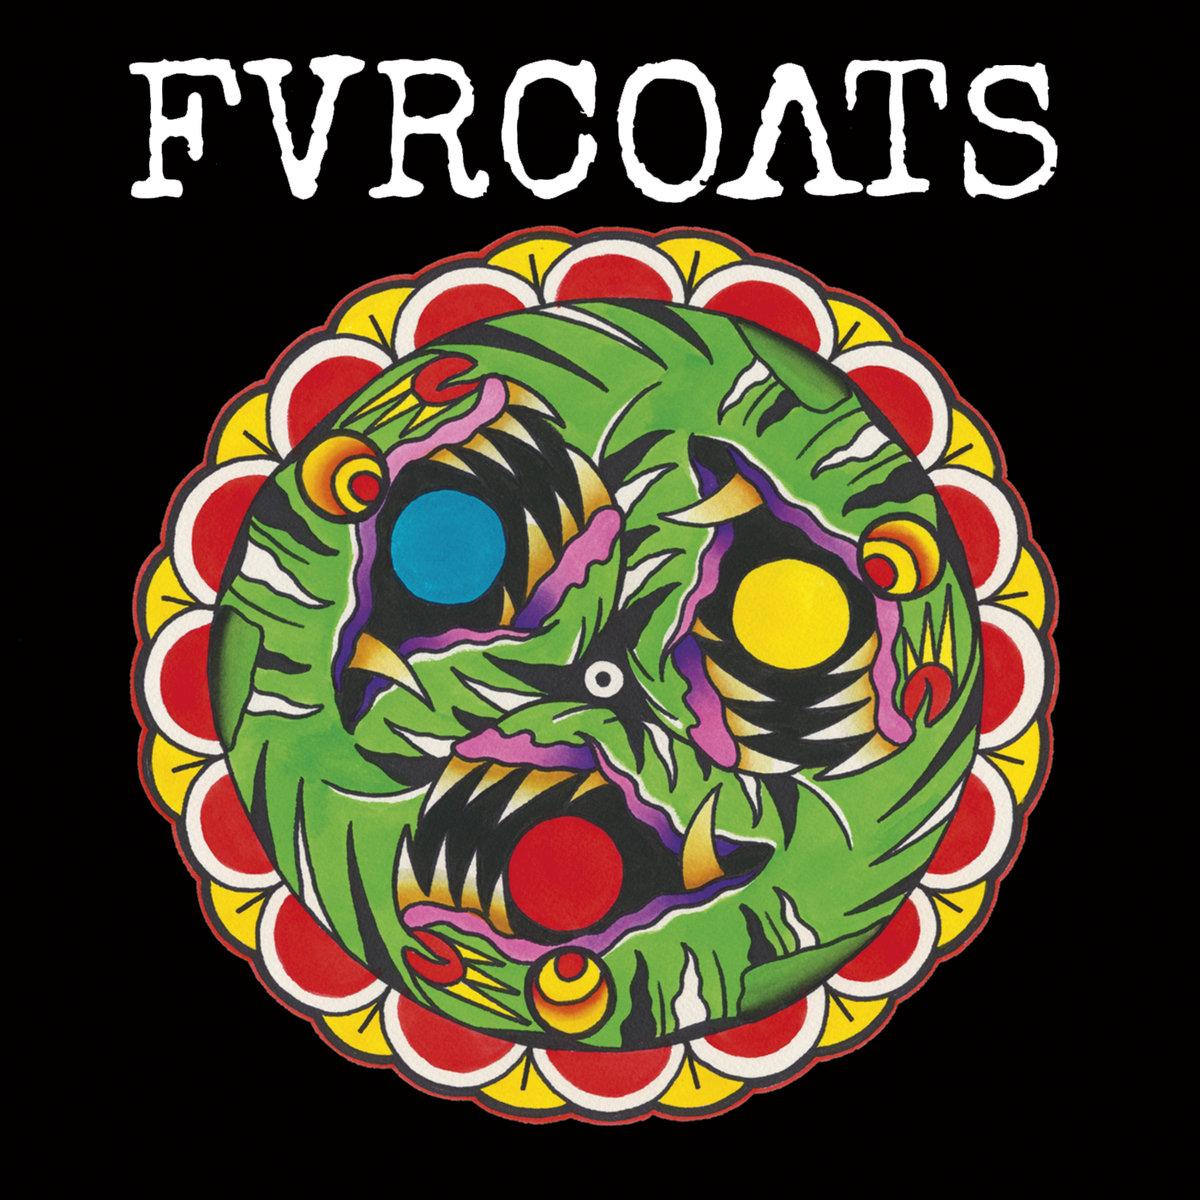 FURCOATS